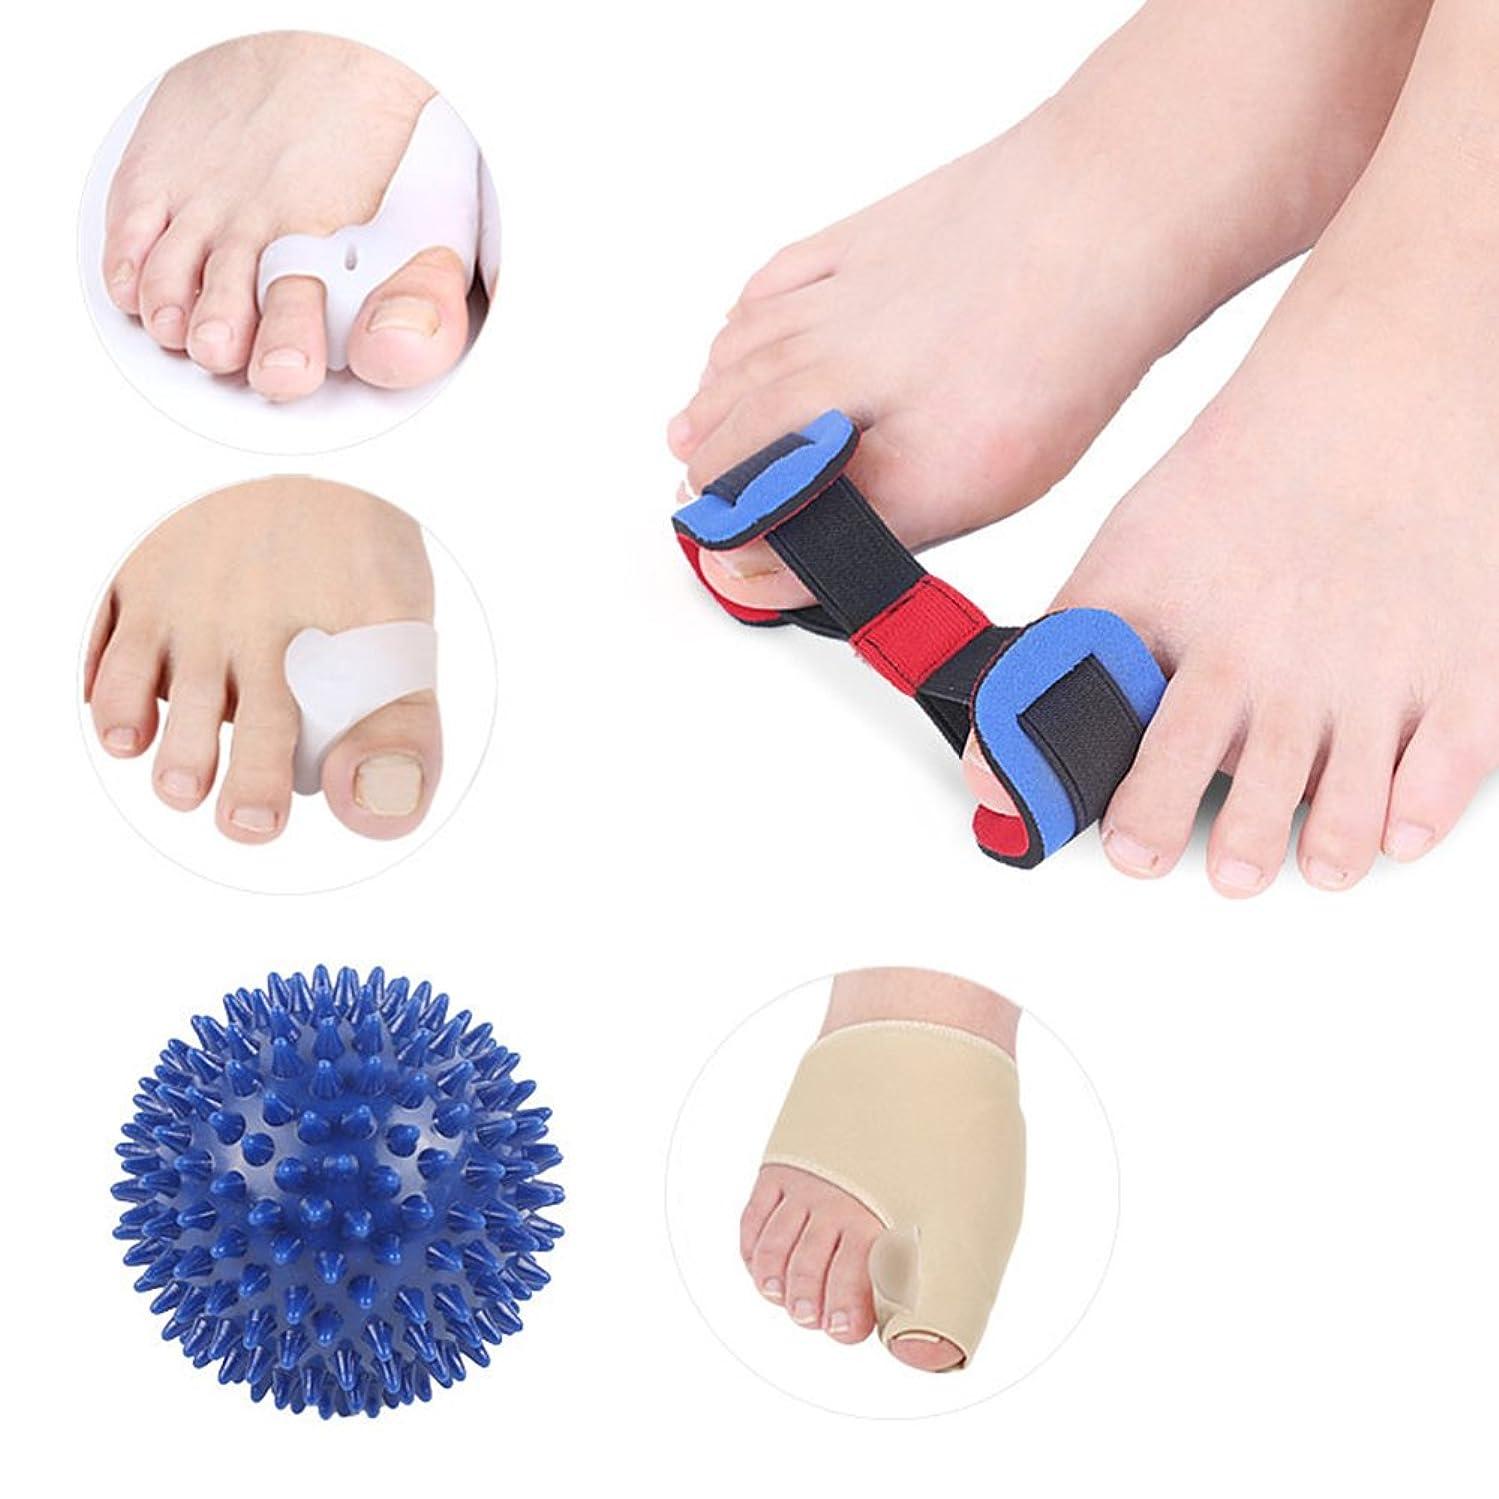 ステーキ許すアーティスト癒合矯正具、足の親指矯正Hallux外反夜、腱膜炎スプリント、足指セパレーター、腱膜リリーフプロテクタースリーブキット - 足関節の痛みの治療、スペーサ矯正補助手術